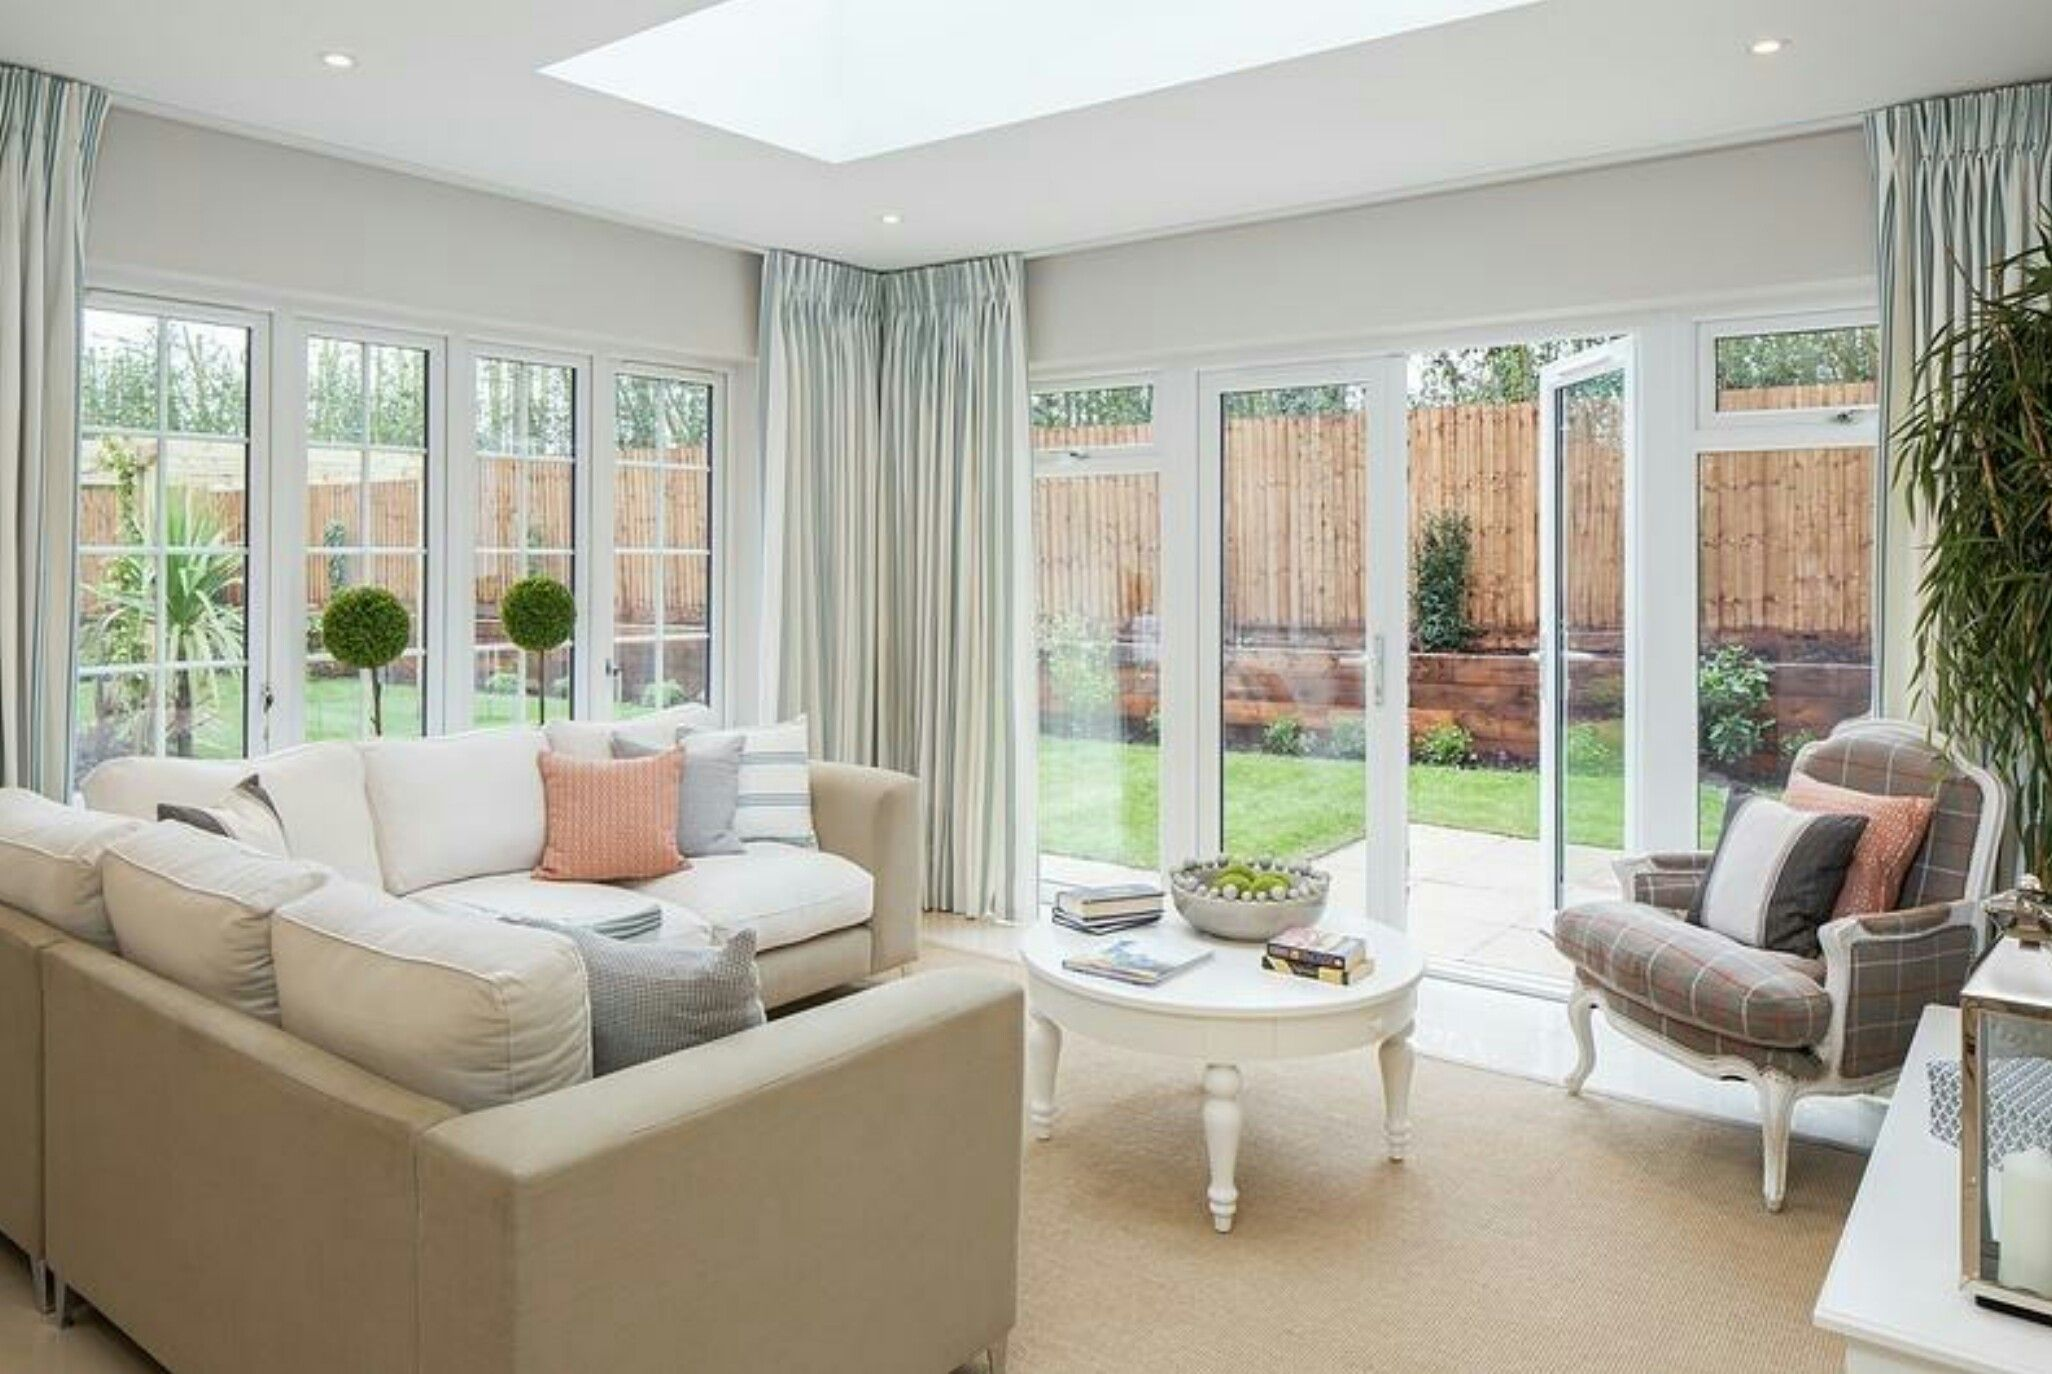 Interior Designed Orangery. Cala Homes, UK 2016 #calahomes #orangery ...